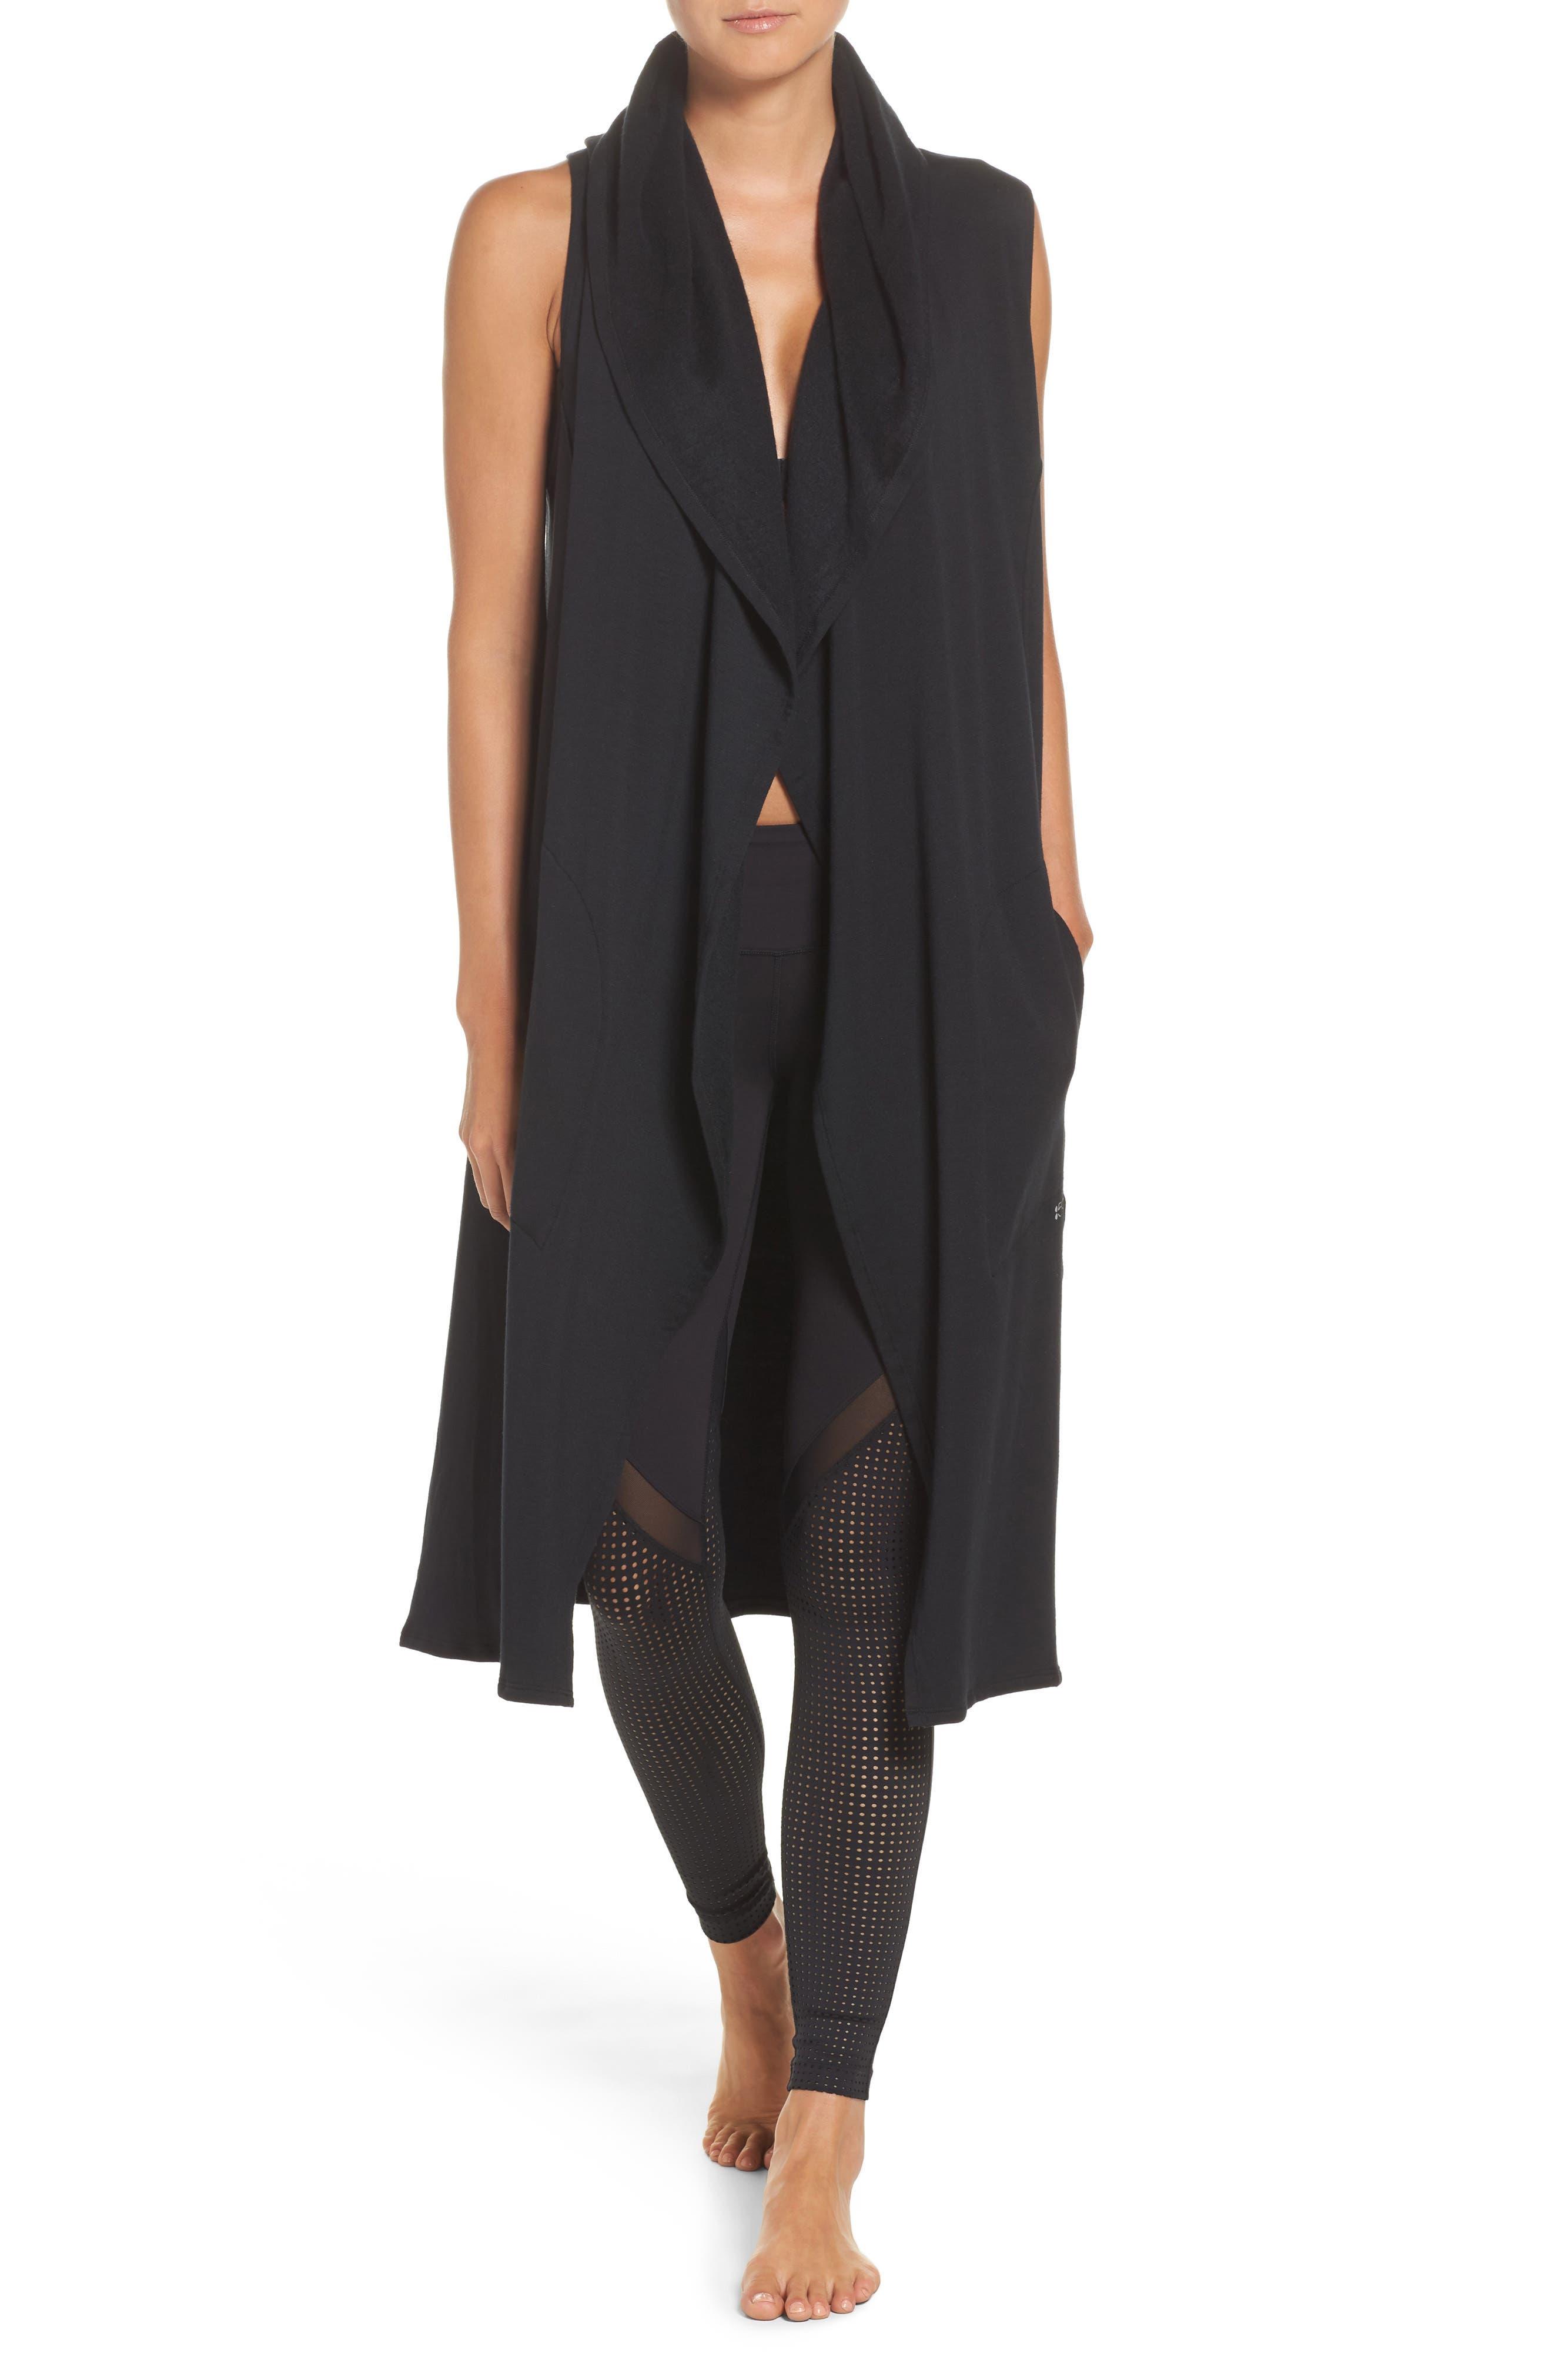 Main Image - Splits59 Hooded Full Length Vest